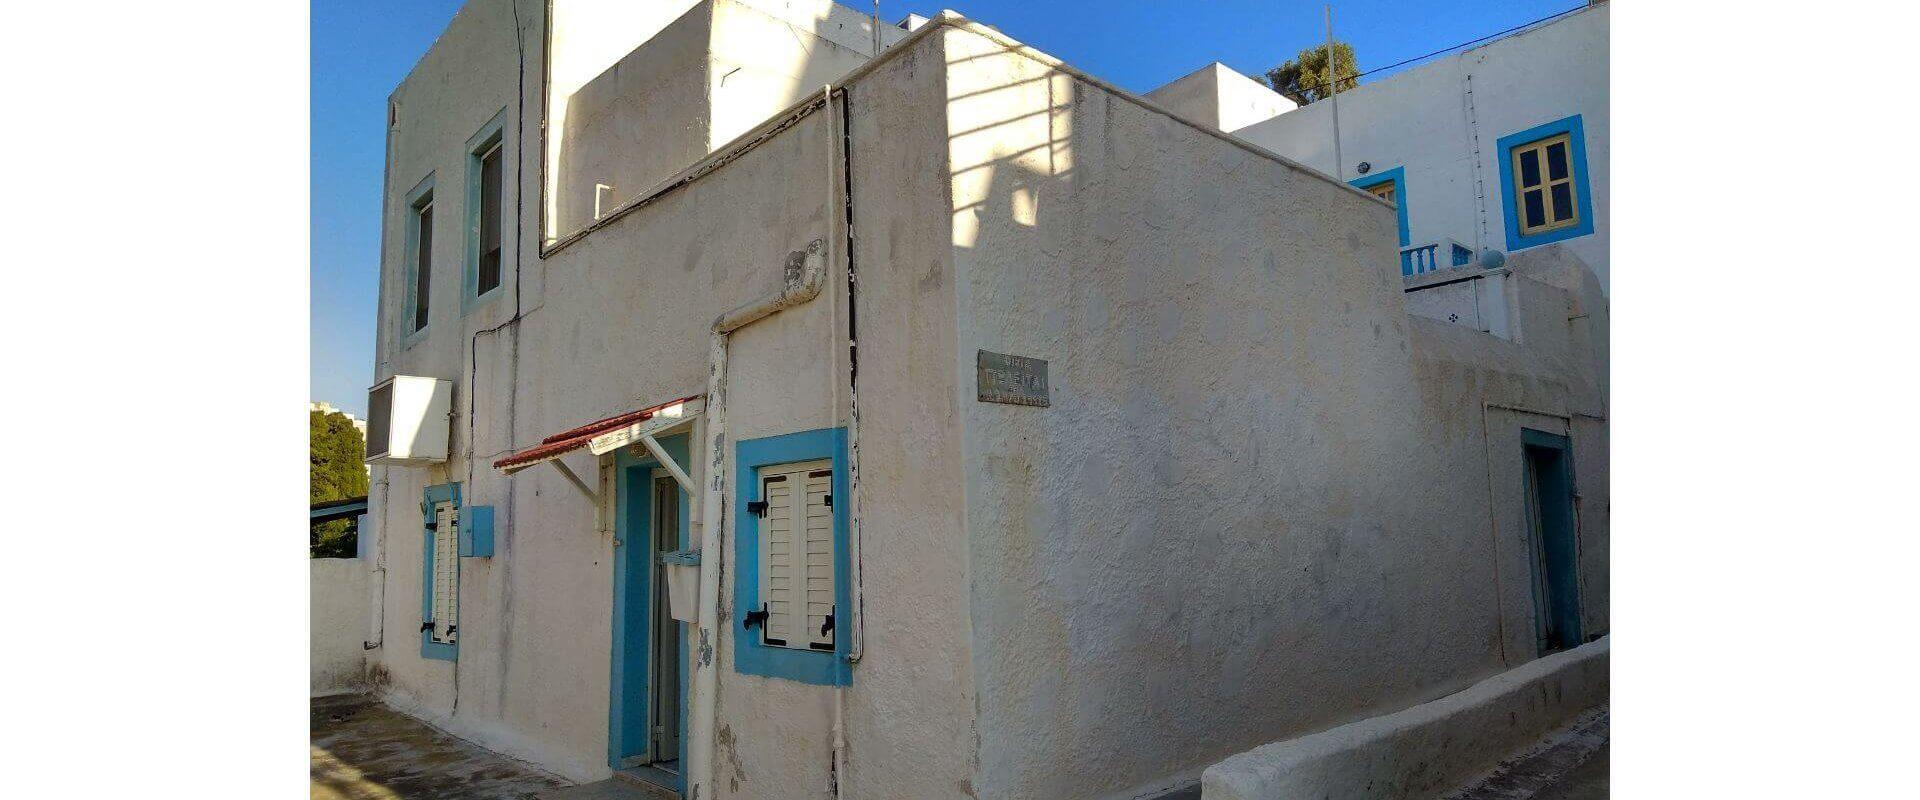 Agia Marina house for sale L 685